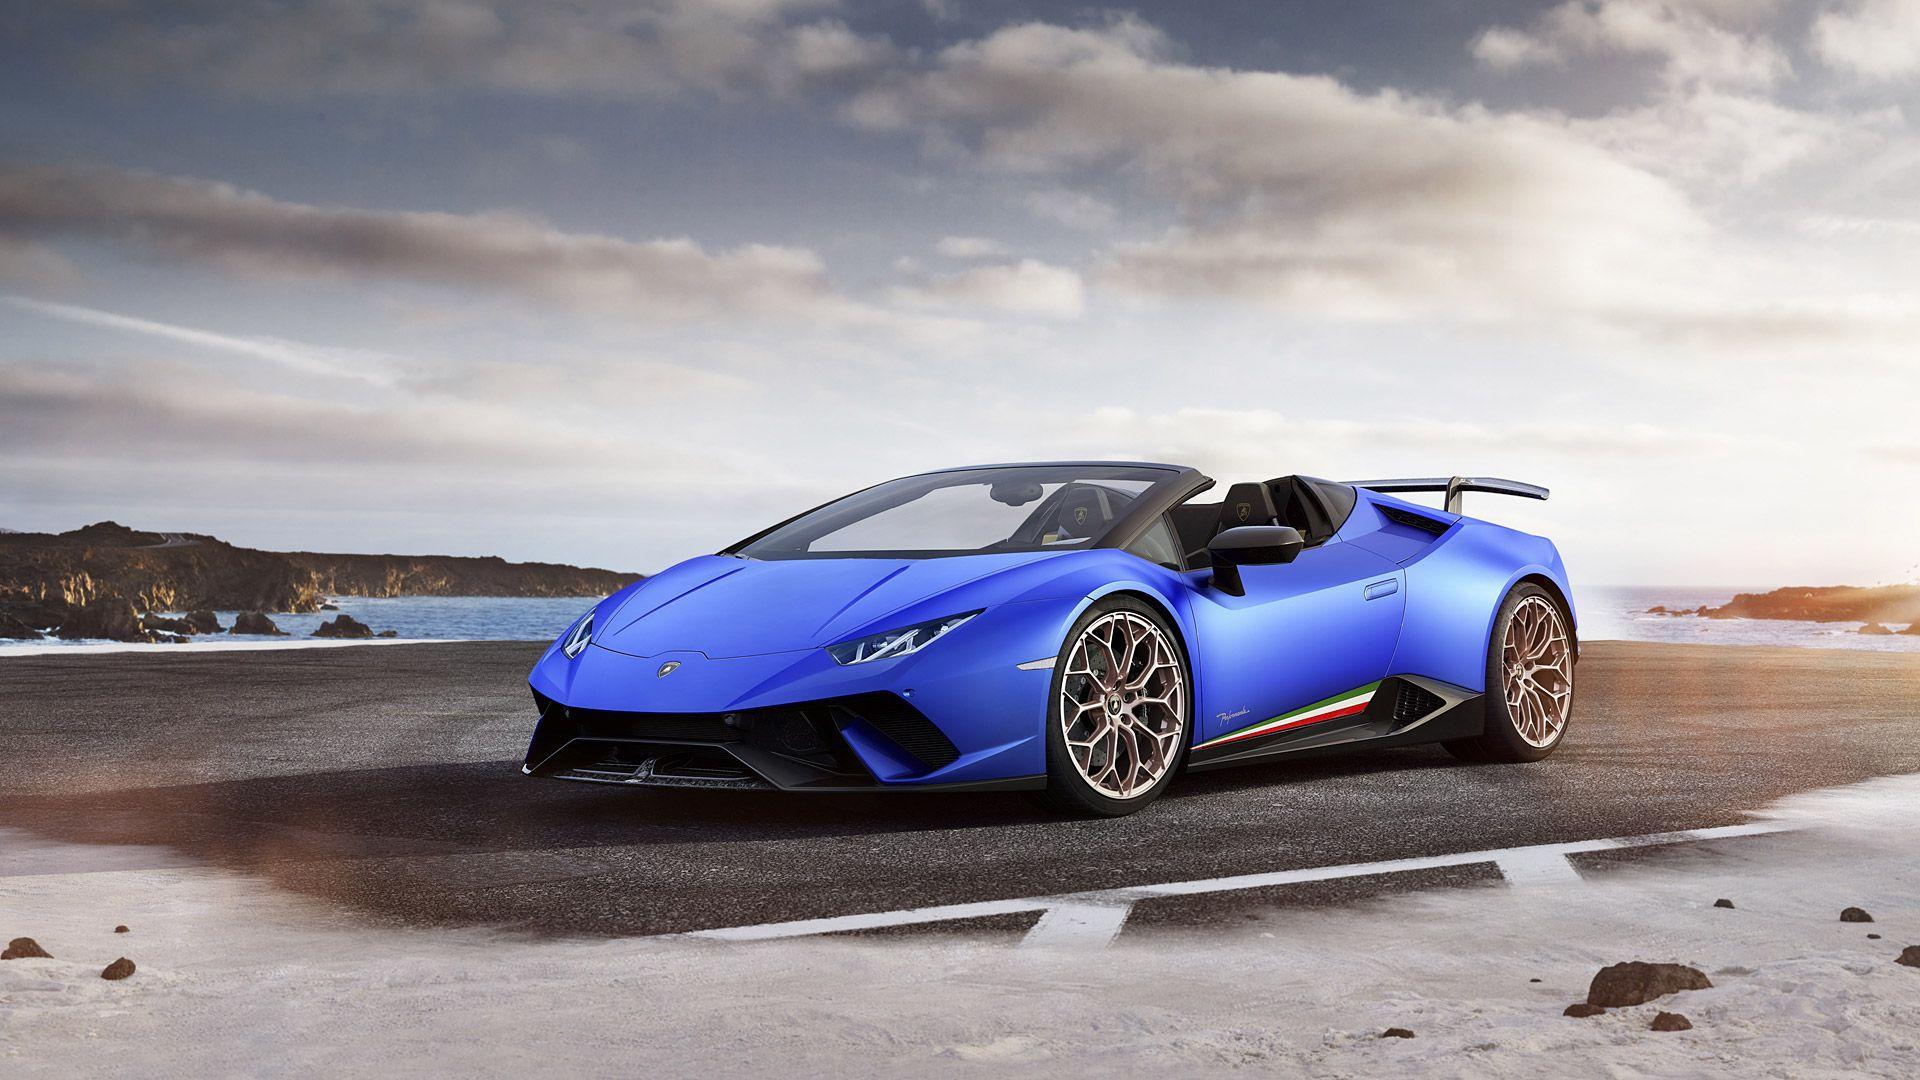 Lamborghini Huracan Spyder Performante Wallpapers Wallpaper Cave